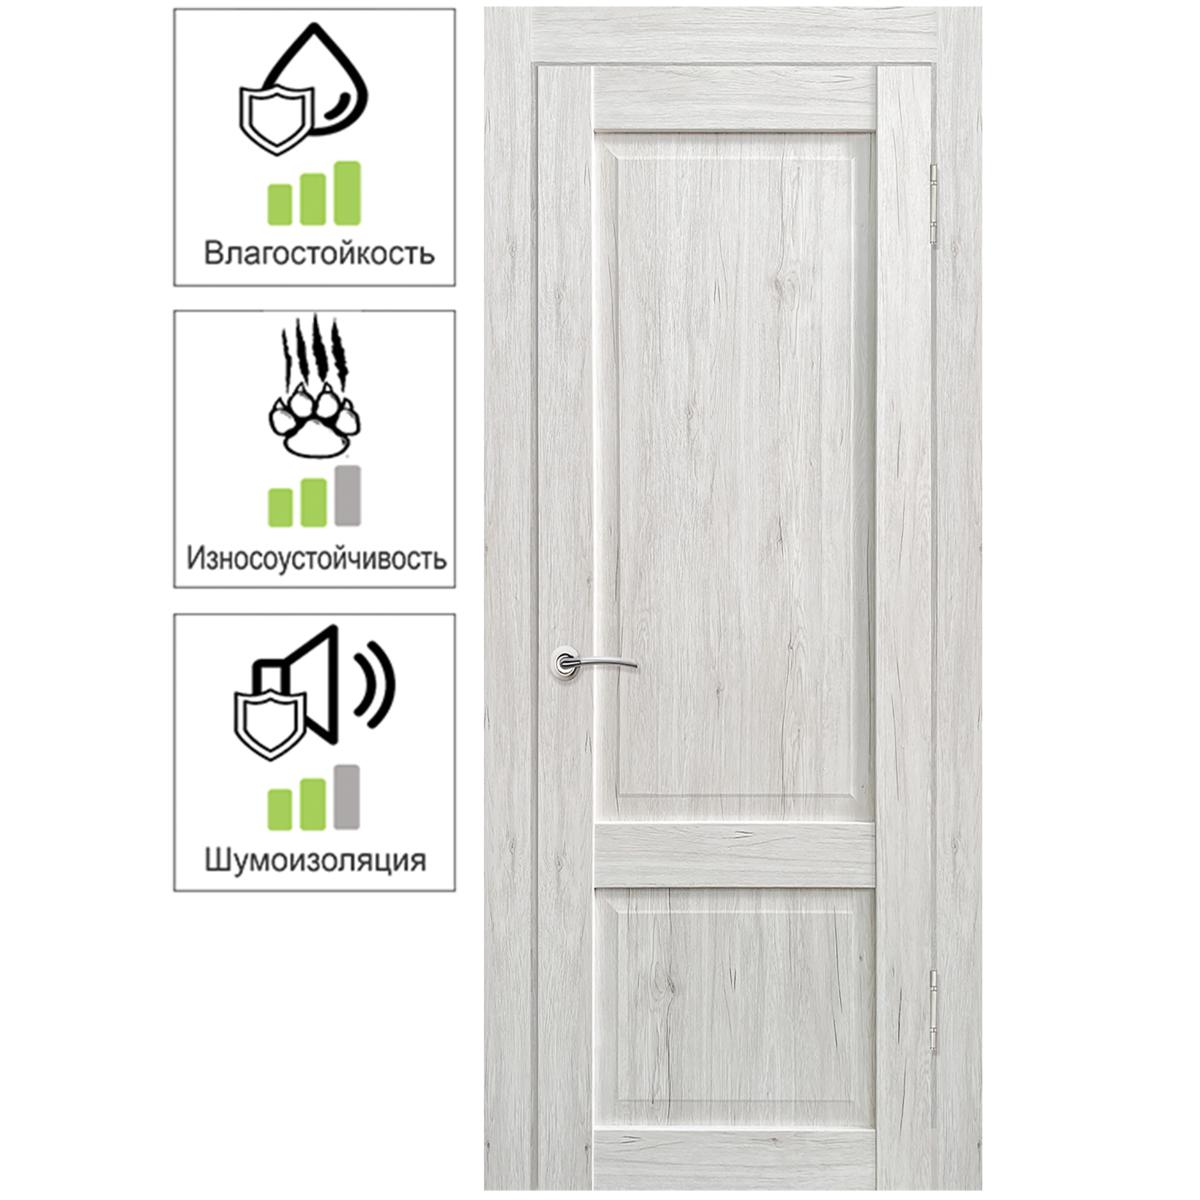 Дверь межкомнатная Амелия 60х200 см с фурнитурой ПВХ цвет рустик серый